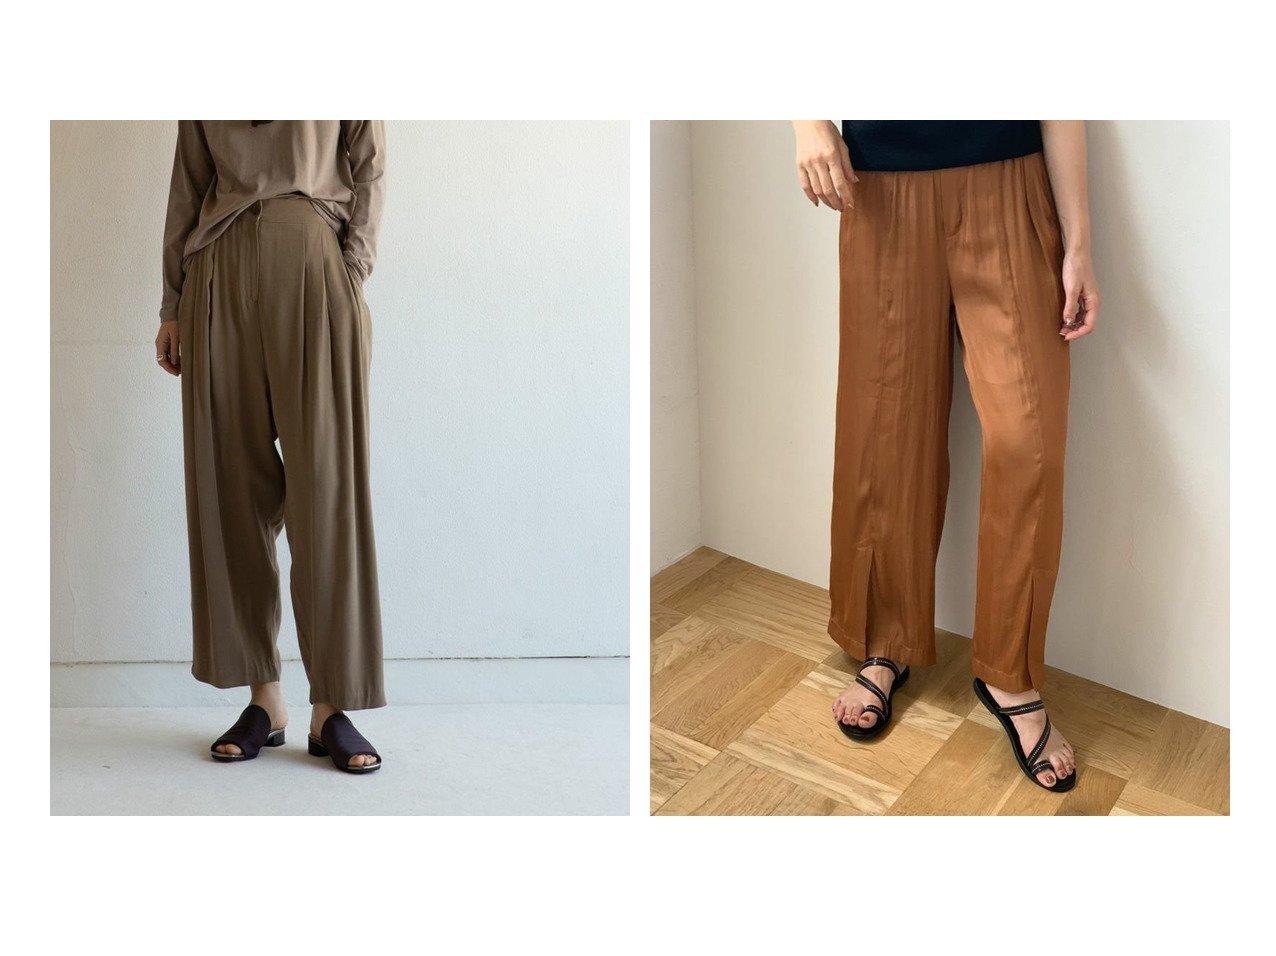 【marjour/マージュール】のmarjourレーヨンタックパンツ RAYON TUCK PANTS&marjourサテンスリットパンツ SATIN SLIT PANTS マージュールのおすすめ!人気、トレンド・レディースファッションの通販 おすすめで人気の流行・トレンド、ファッションの通販商品 メンズファッション・キッズファッション・インテリア・家具・レディースファッション・服の通販 founy(ファニー) https://founy.com/ ファッション Fashion レディースファッション WOMEN パンツ Pants おすすめ Recommend くるぶし アンクル カットソー コクーン サマー ダウン バランス ワイド 楽ちん サテン スリット トレンド リラックス |ID:crp329100000021534